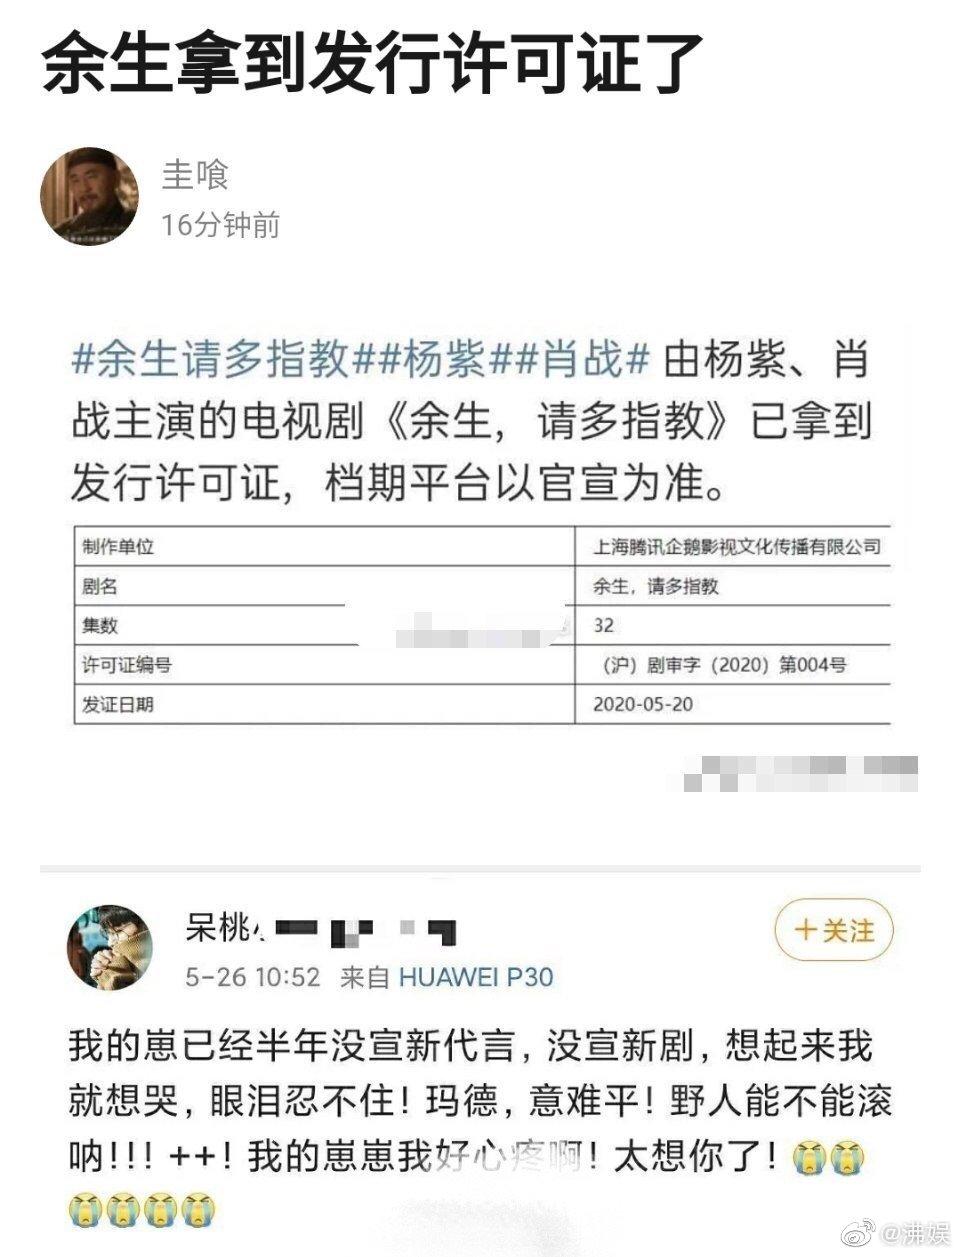 杨紫和肖战主演的《余生请多指教》已经拿到发行许可证了这是快要开播